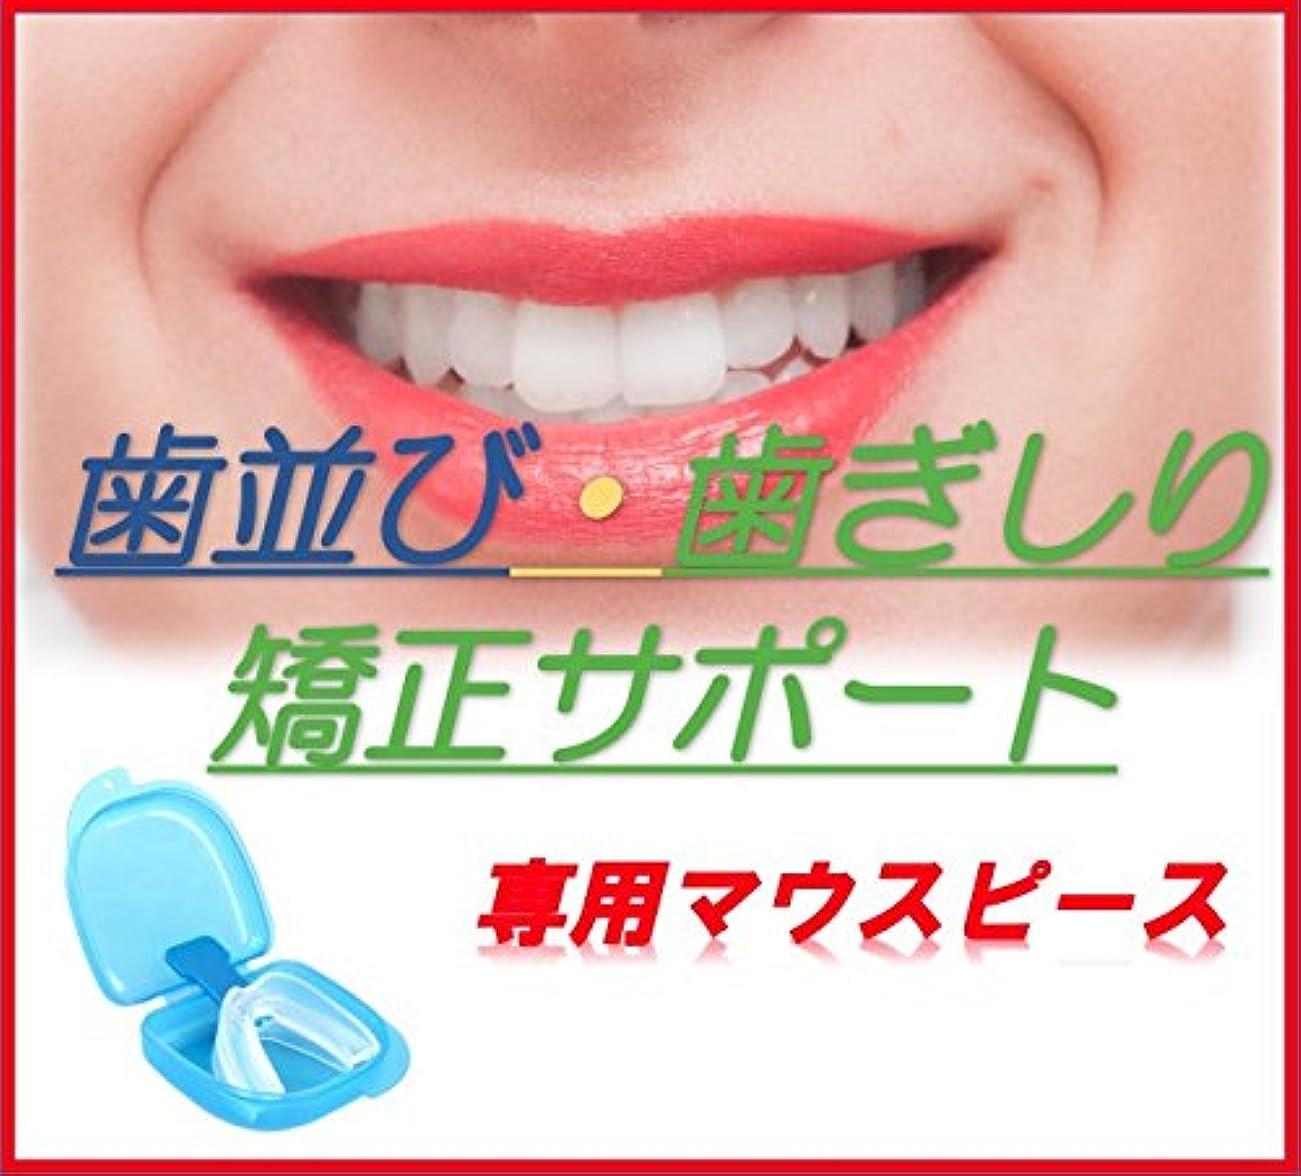 スムーズに記録ボックス[NET-O] 歯並び 歯ぎしり 矯正 サポート 専用マウスピース お得用セットあり (1set)